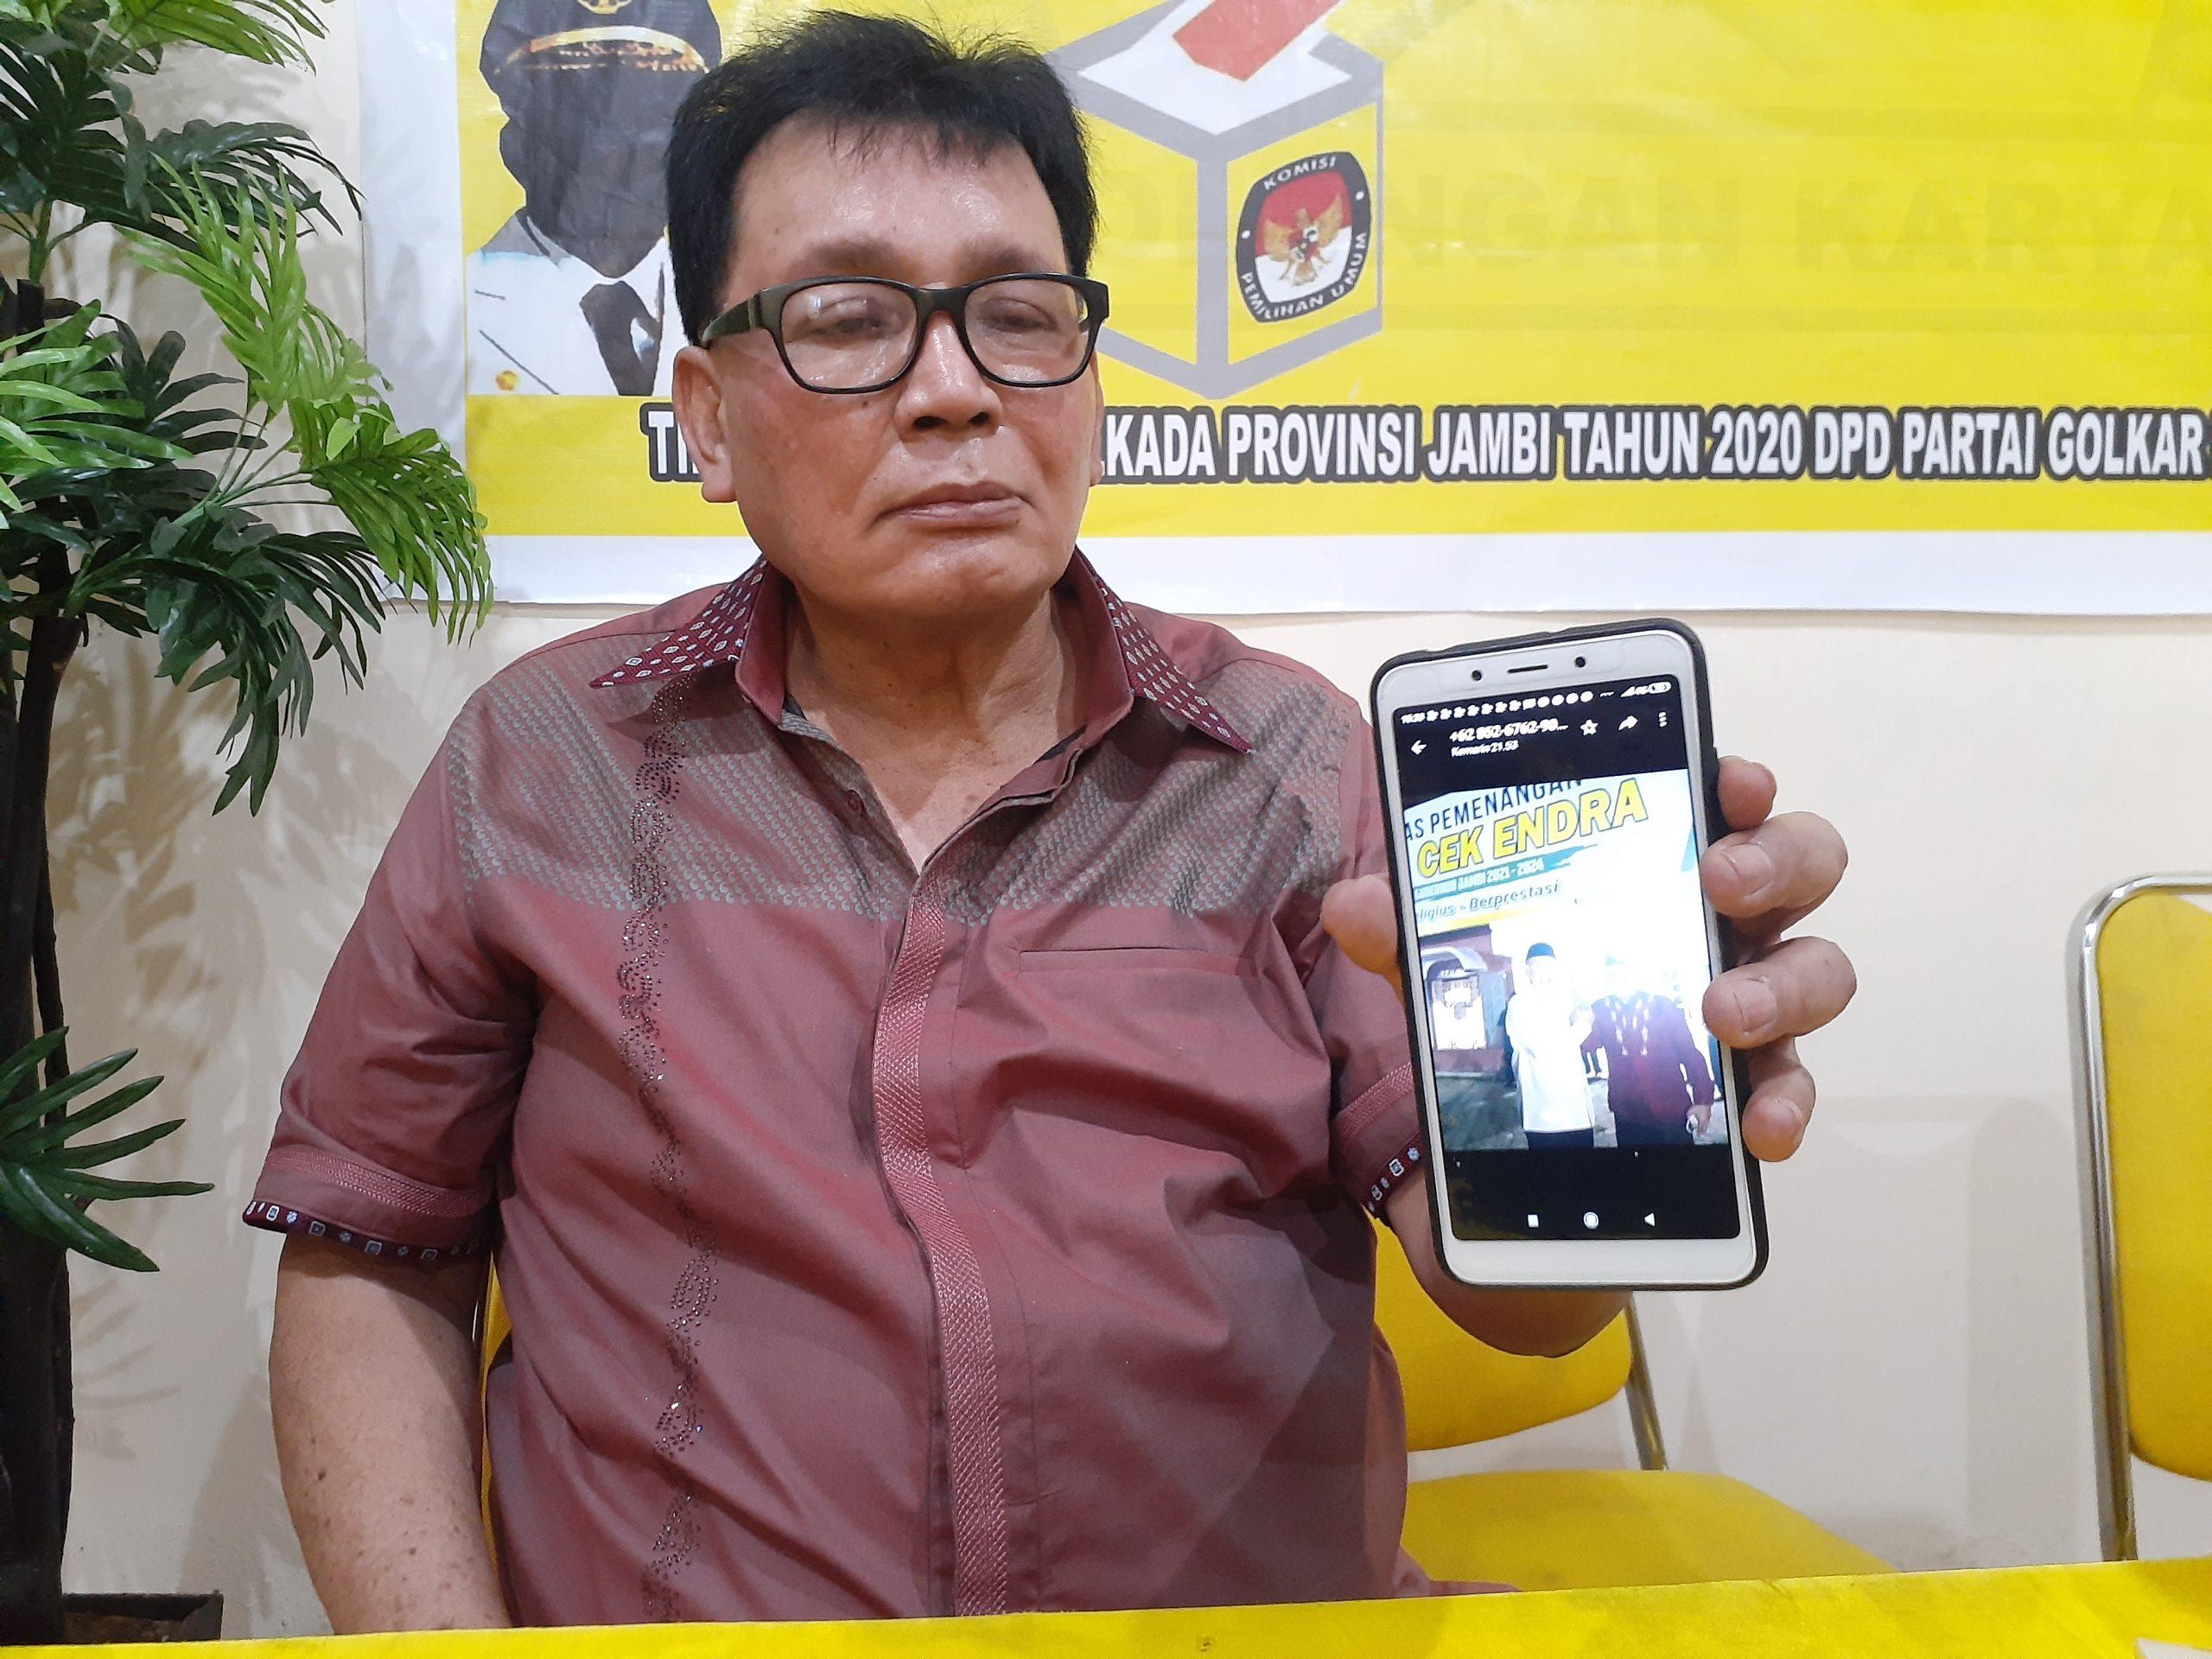 Kemas Faruq Mundur Dari Pencalonan Ketua DPD 1 Golkar